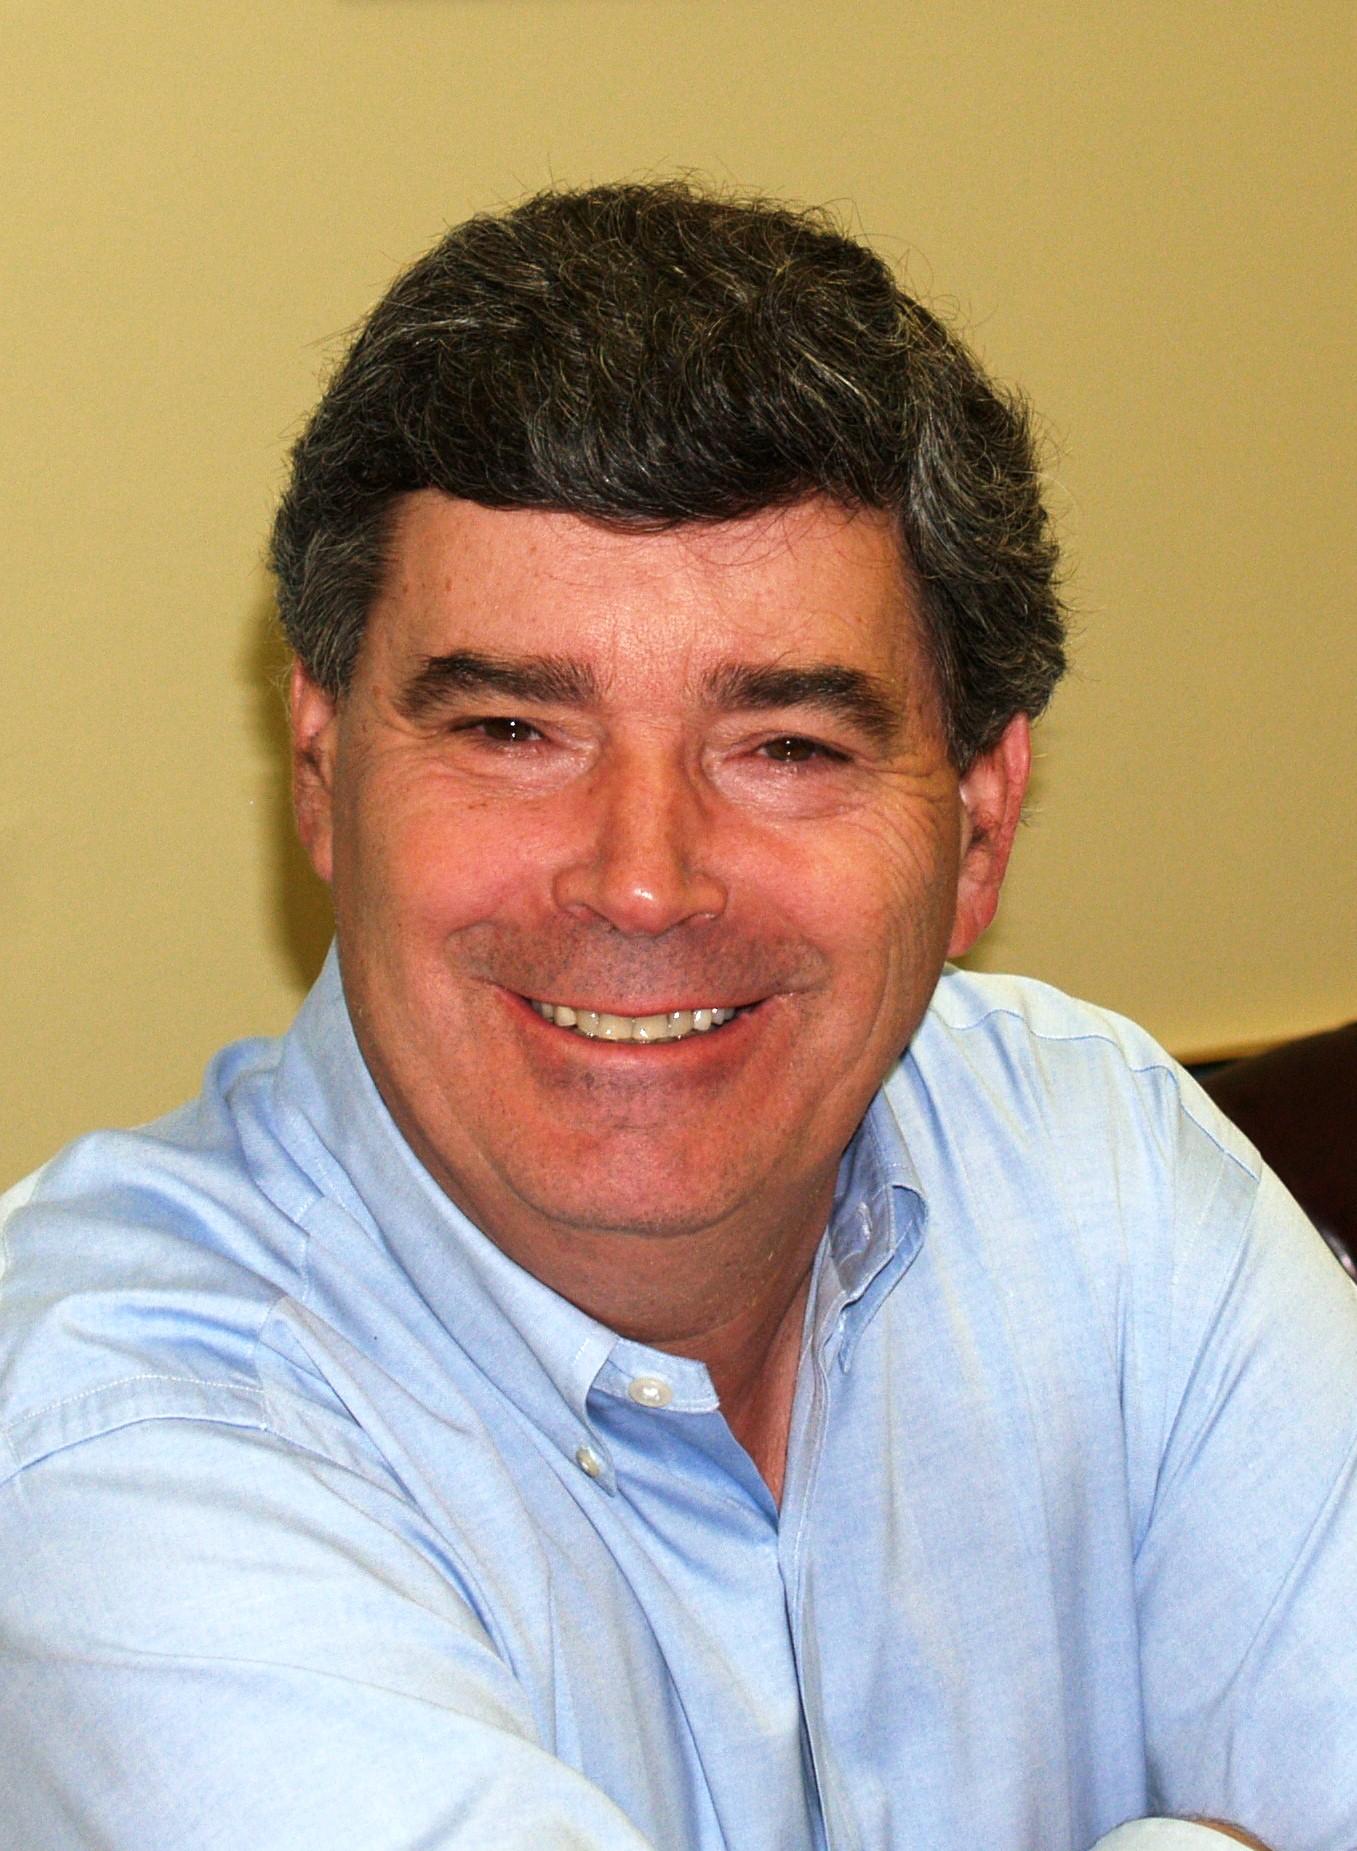 Broker network extends zurich partnership